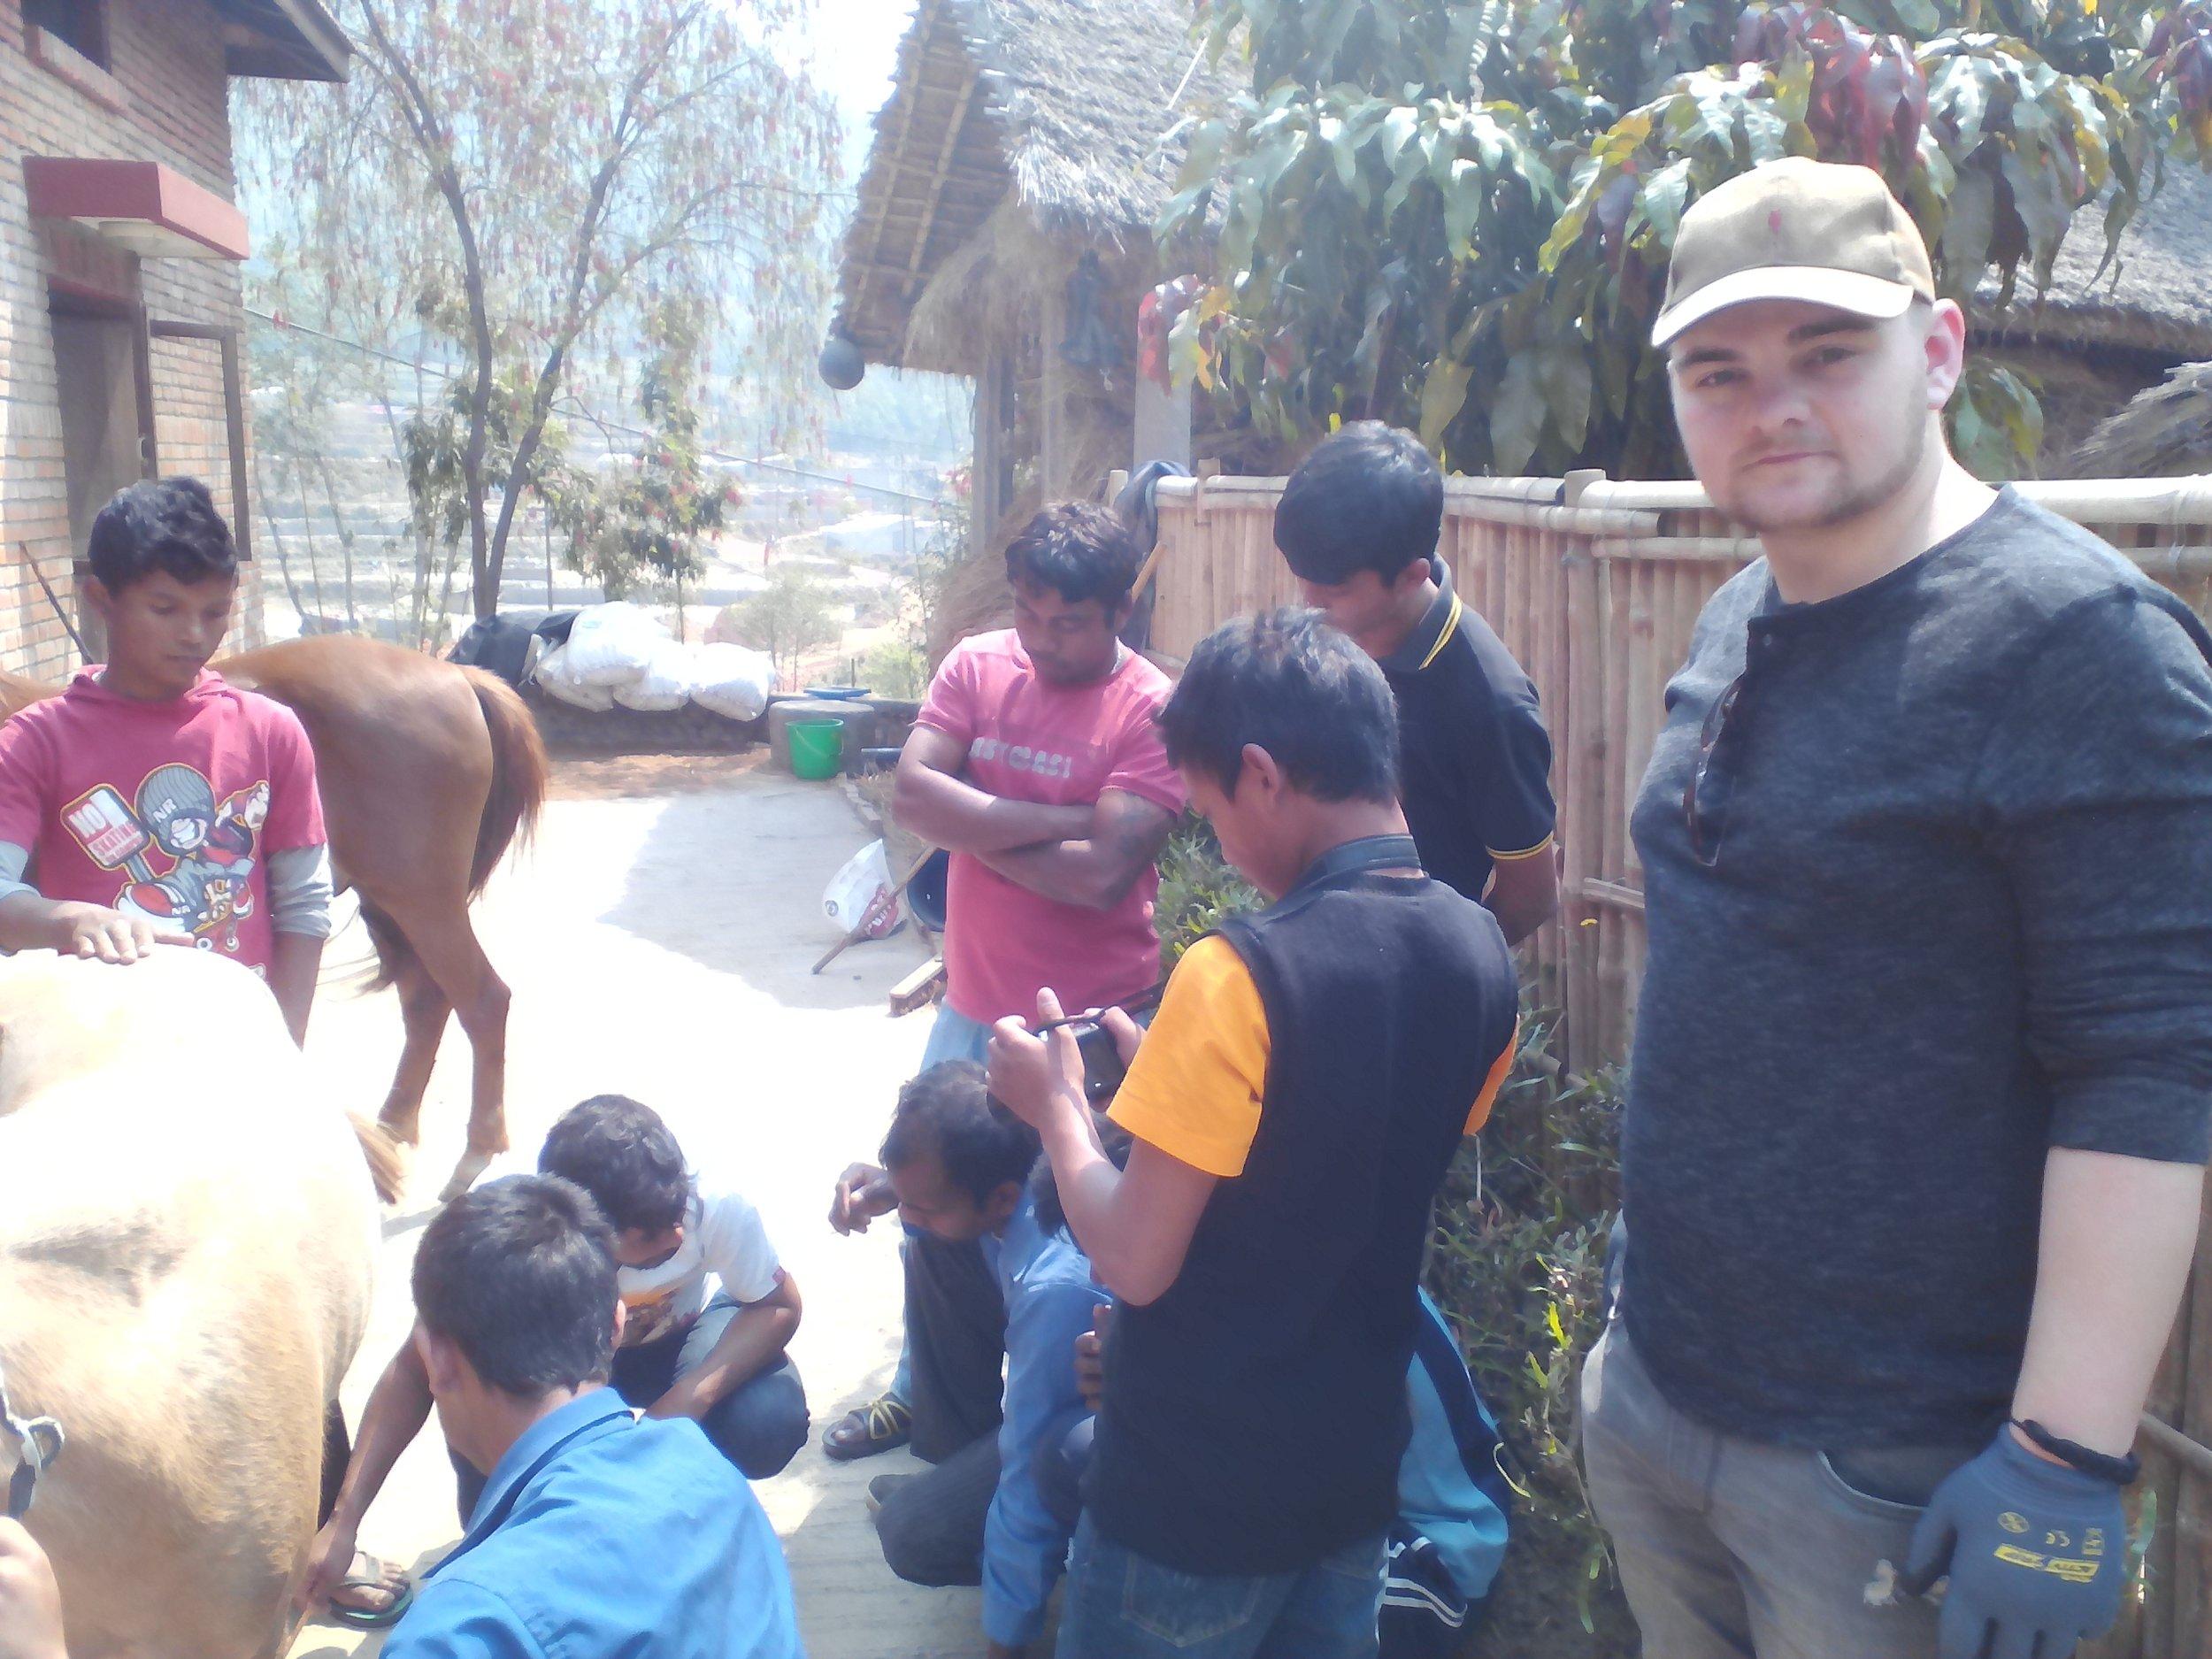 """das Team """"Equiwent-Schmiede ohne Grenzen"""" in Nepal.     Die Kinder waren immer dabei und wollten alles ganz genau wissen.     """"Einfach nur tolle Menschen dort"""" sagte mein Sohn zu mir."""